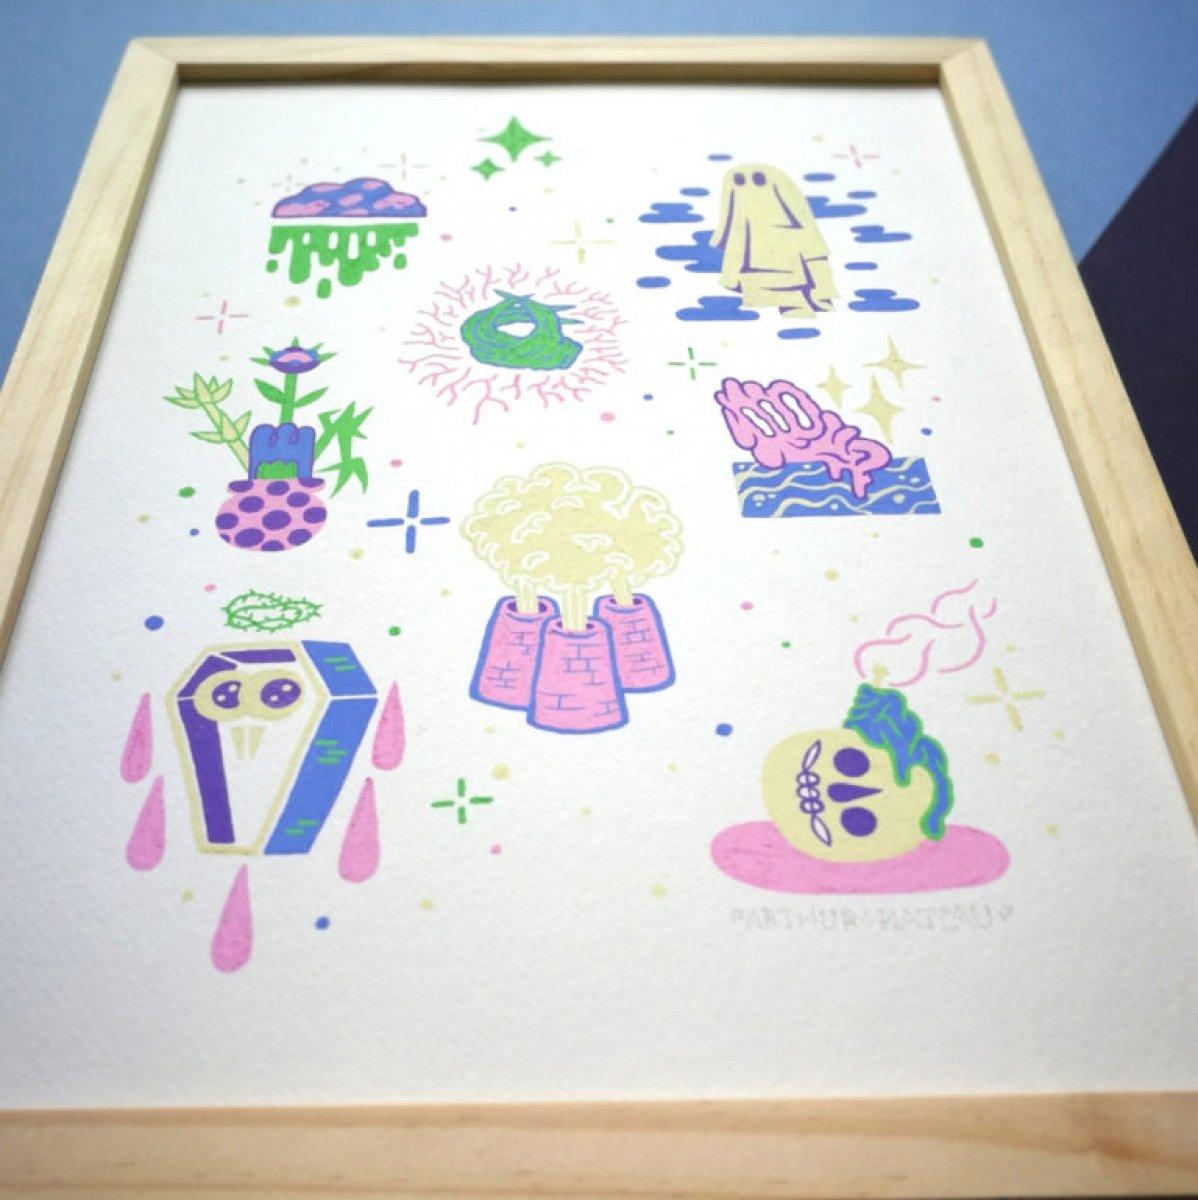 Mysticism, peinture originale – acrylique sur papier bouffant Clairefontaine 250 gr.